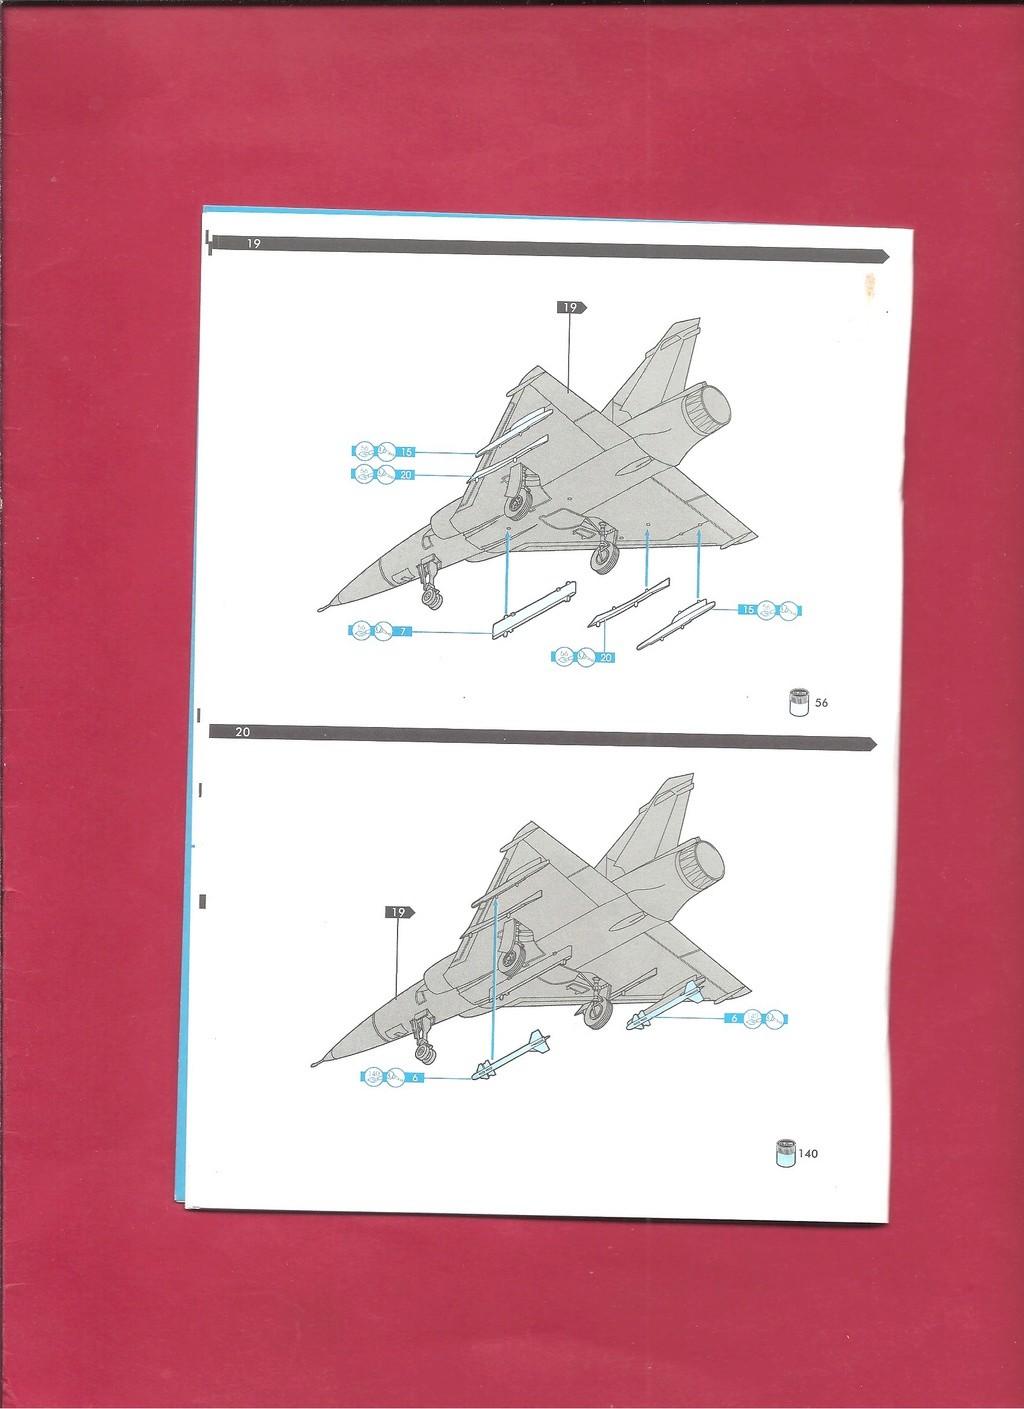 DASSAULT MIRAGE 2000 N 1/72ème Réf 60321 Notice Hell1054